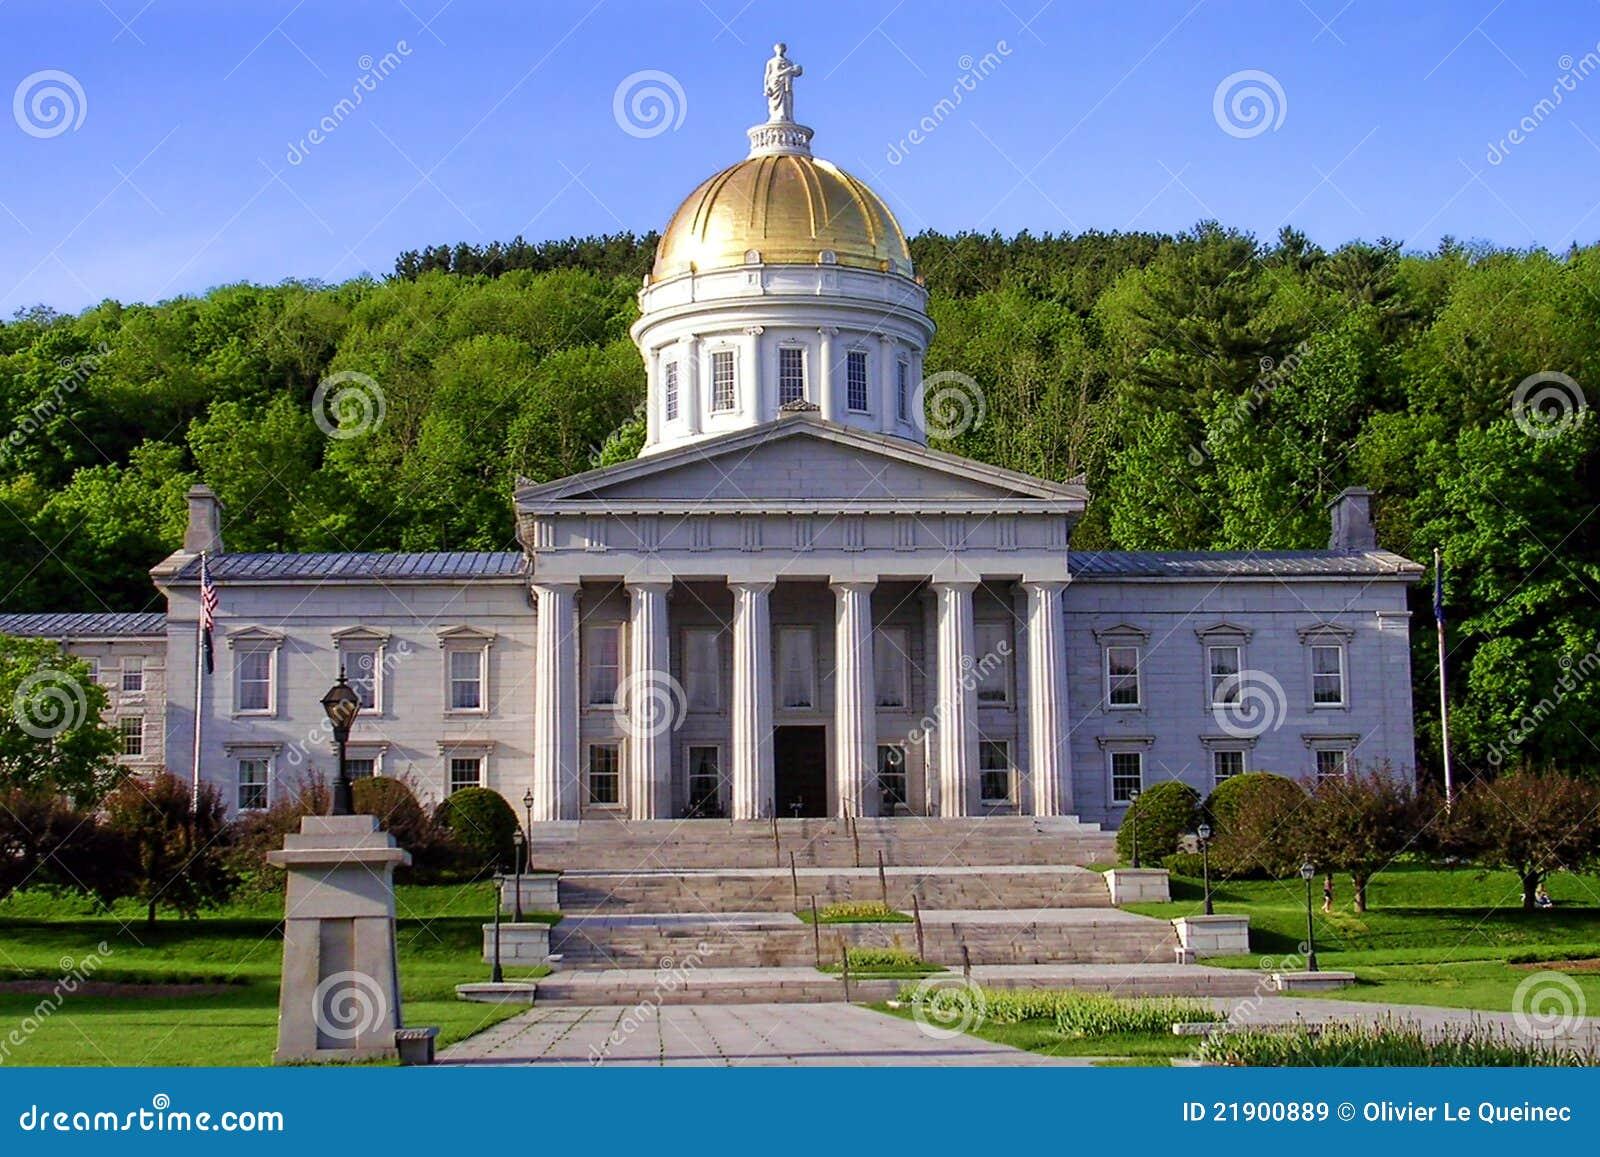 Edifício do Capitólio do estado de Vermont em Montpelier